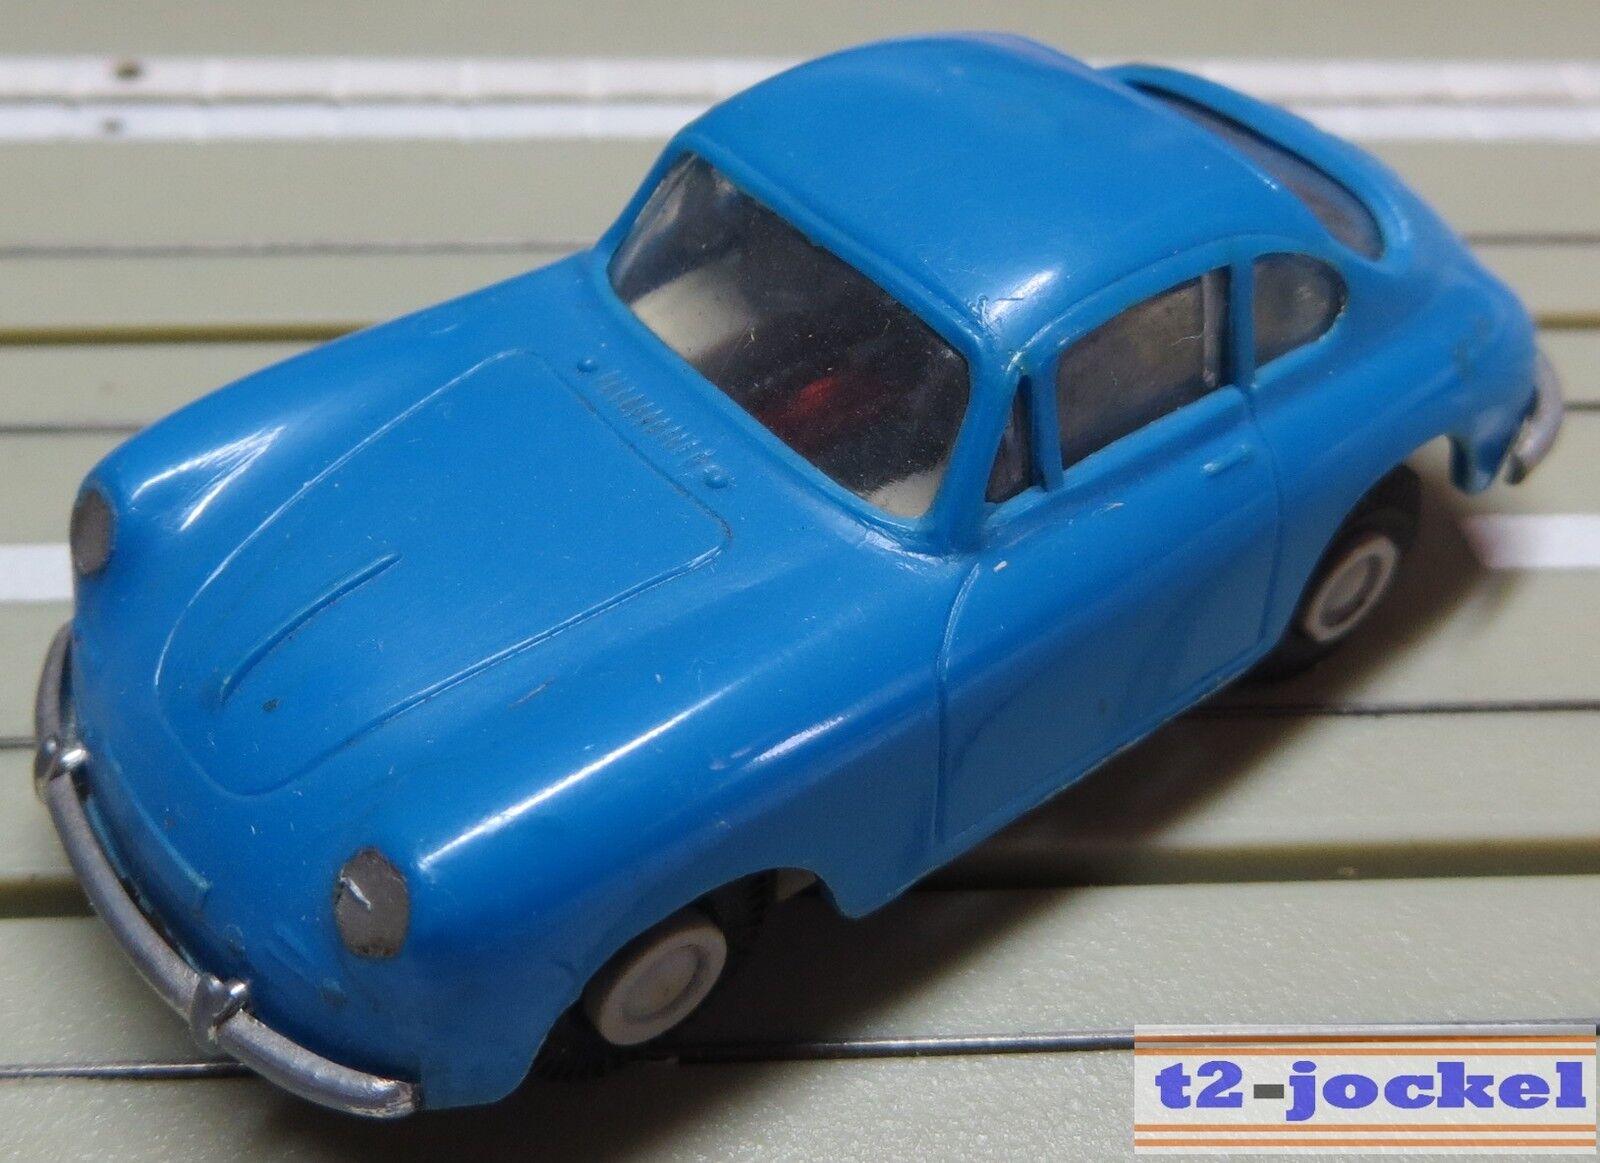 Faller Ams 4835 Porsche 356 con Motore di Blocco + 4 Nuovo Repro Ruote